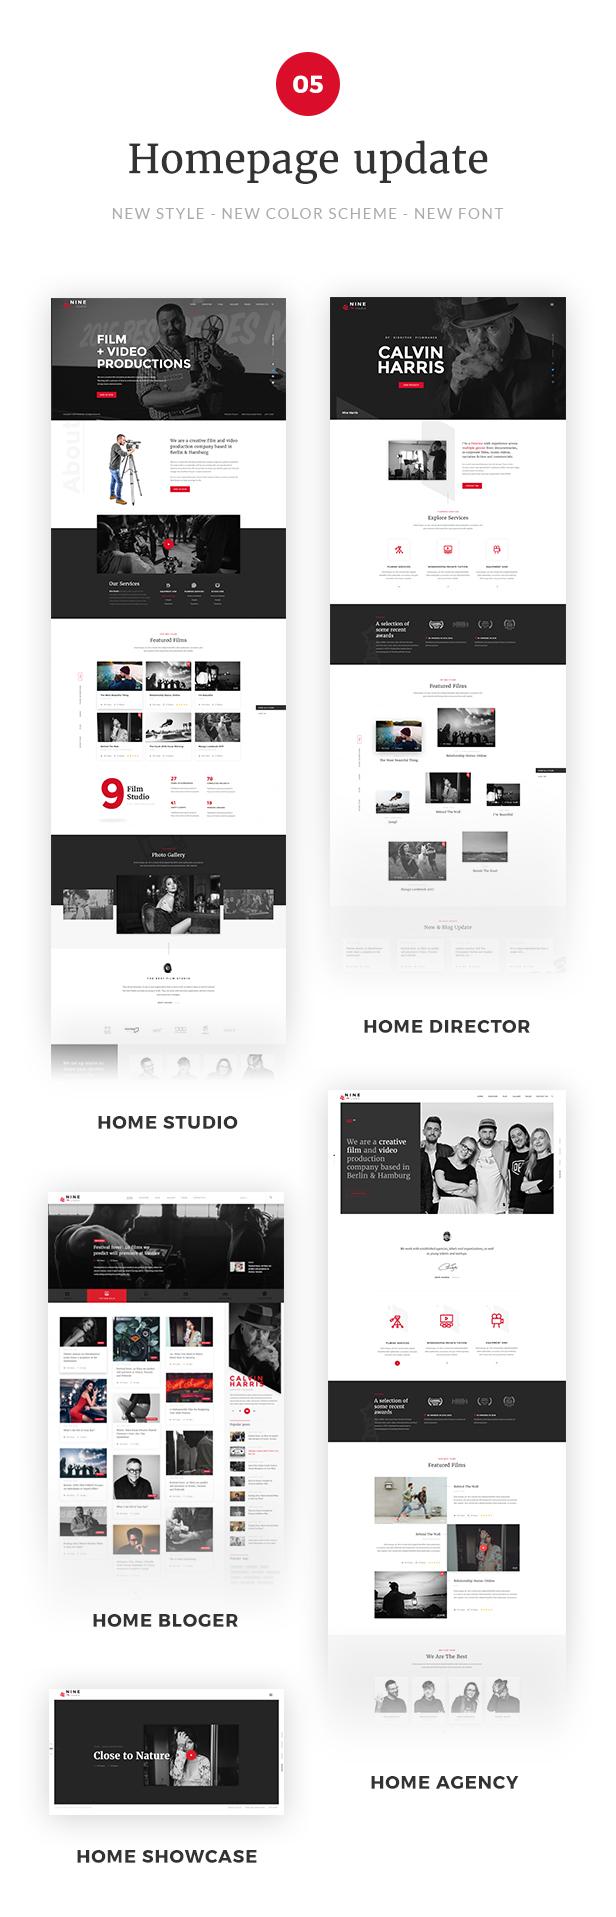 Filmmaker Director Film Studio WordPress Theme - 5 New Homepages